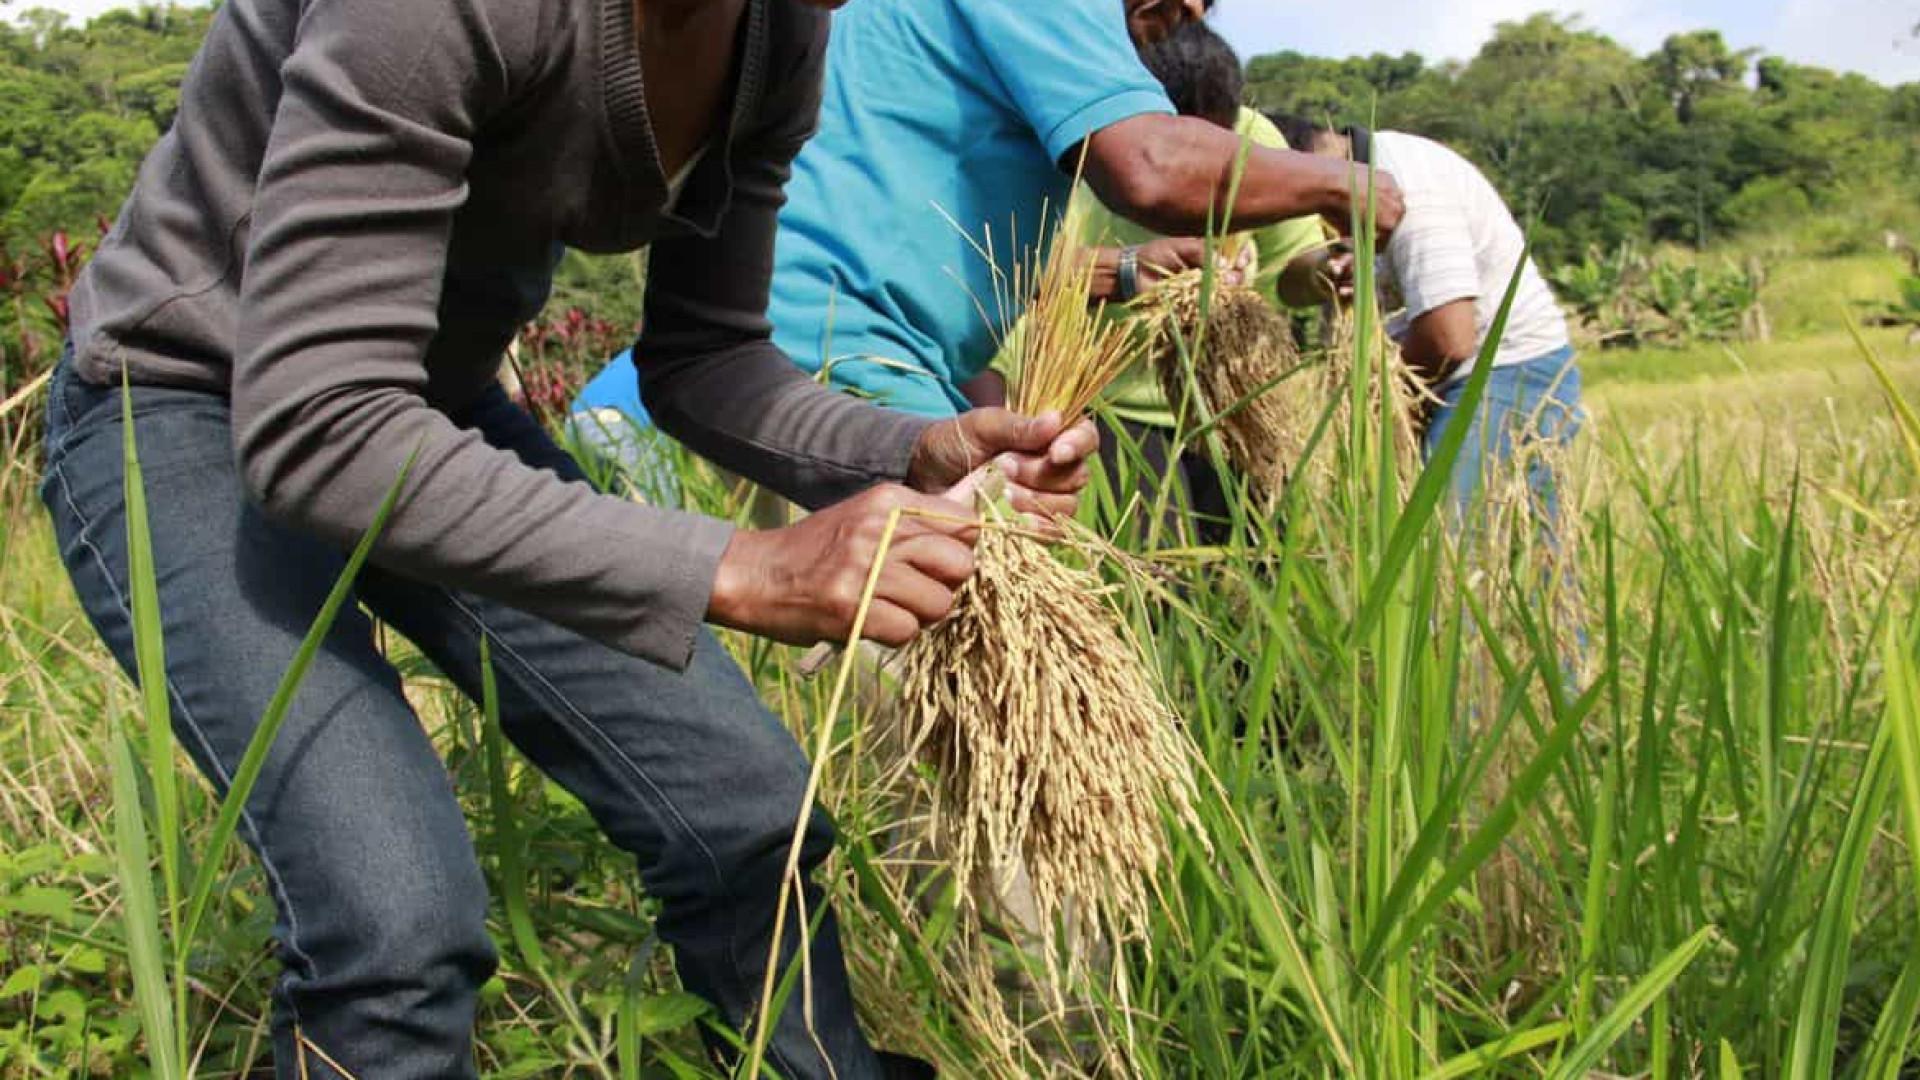 Agricultura define serviços essenciais para assegurar abastecimento